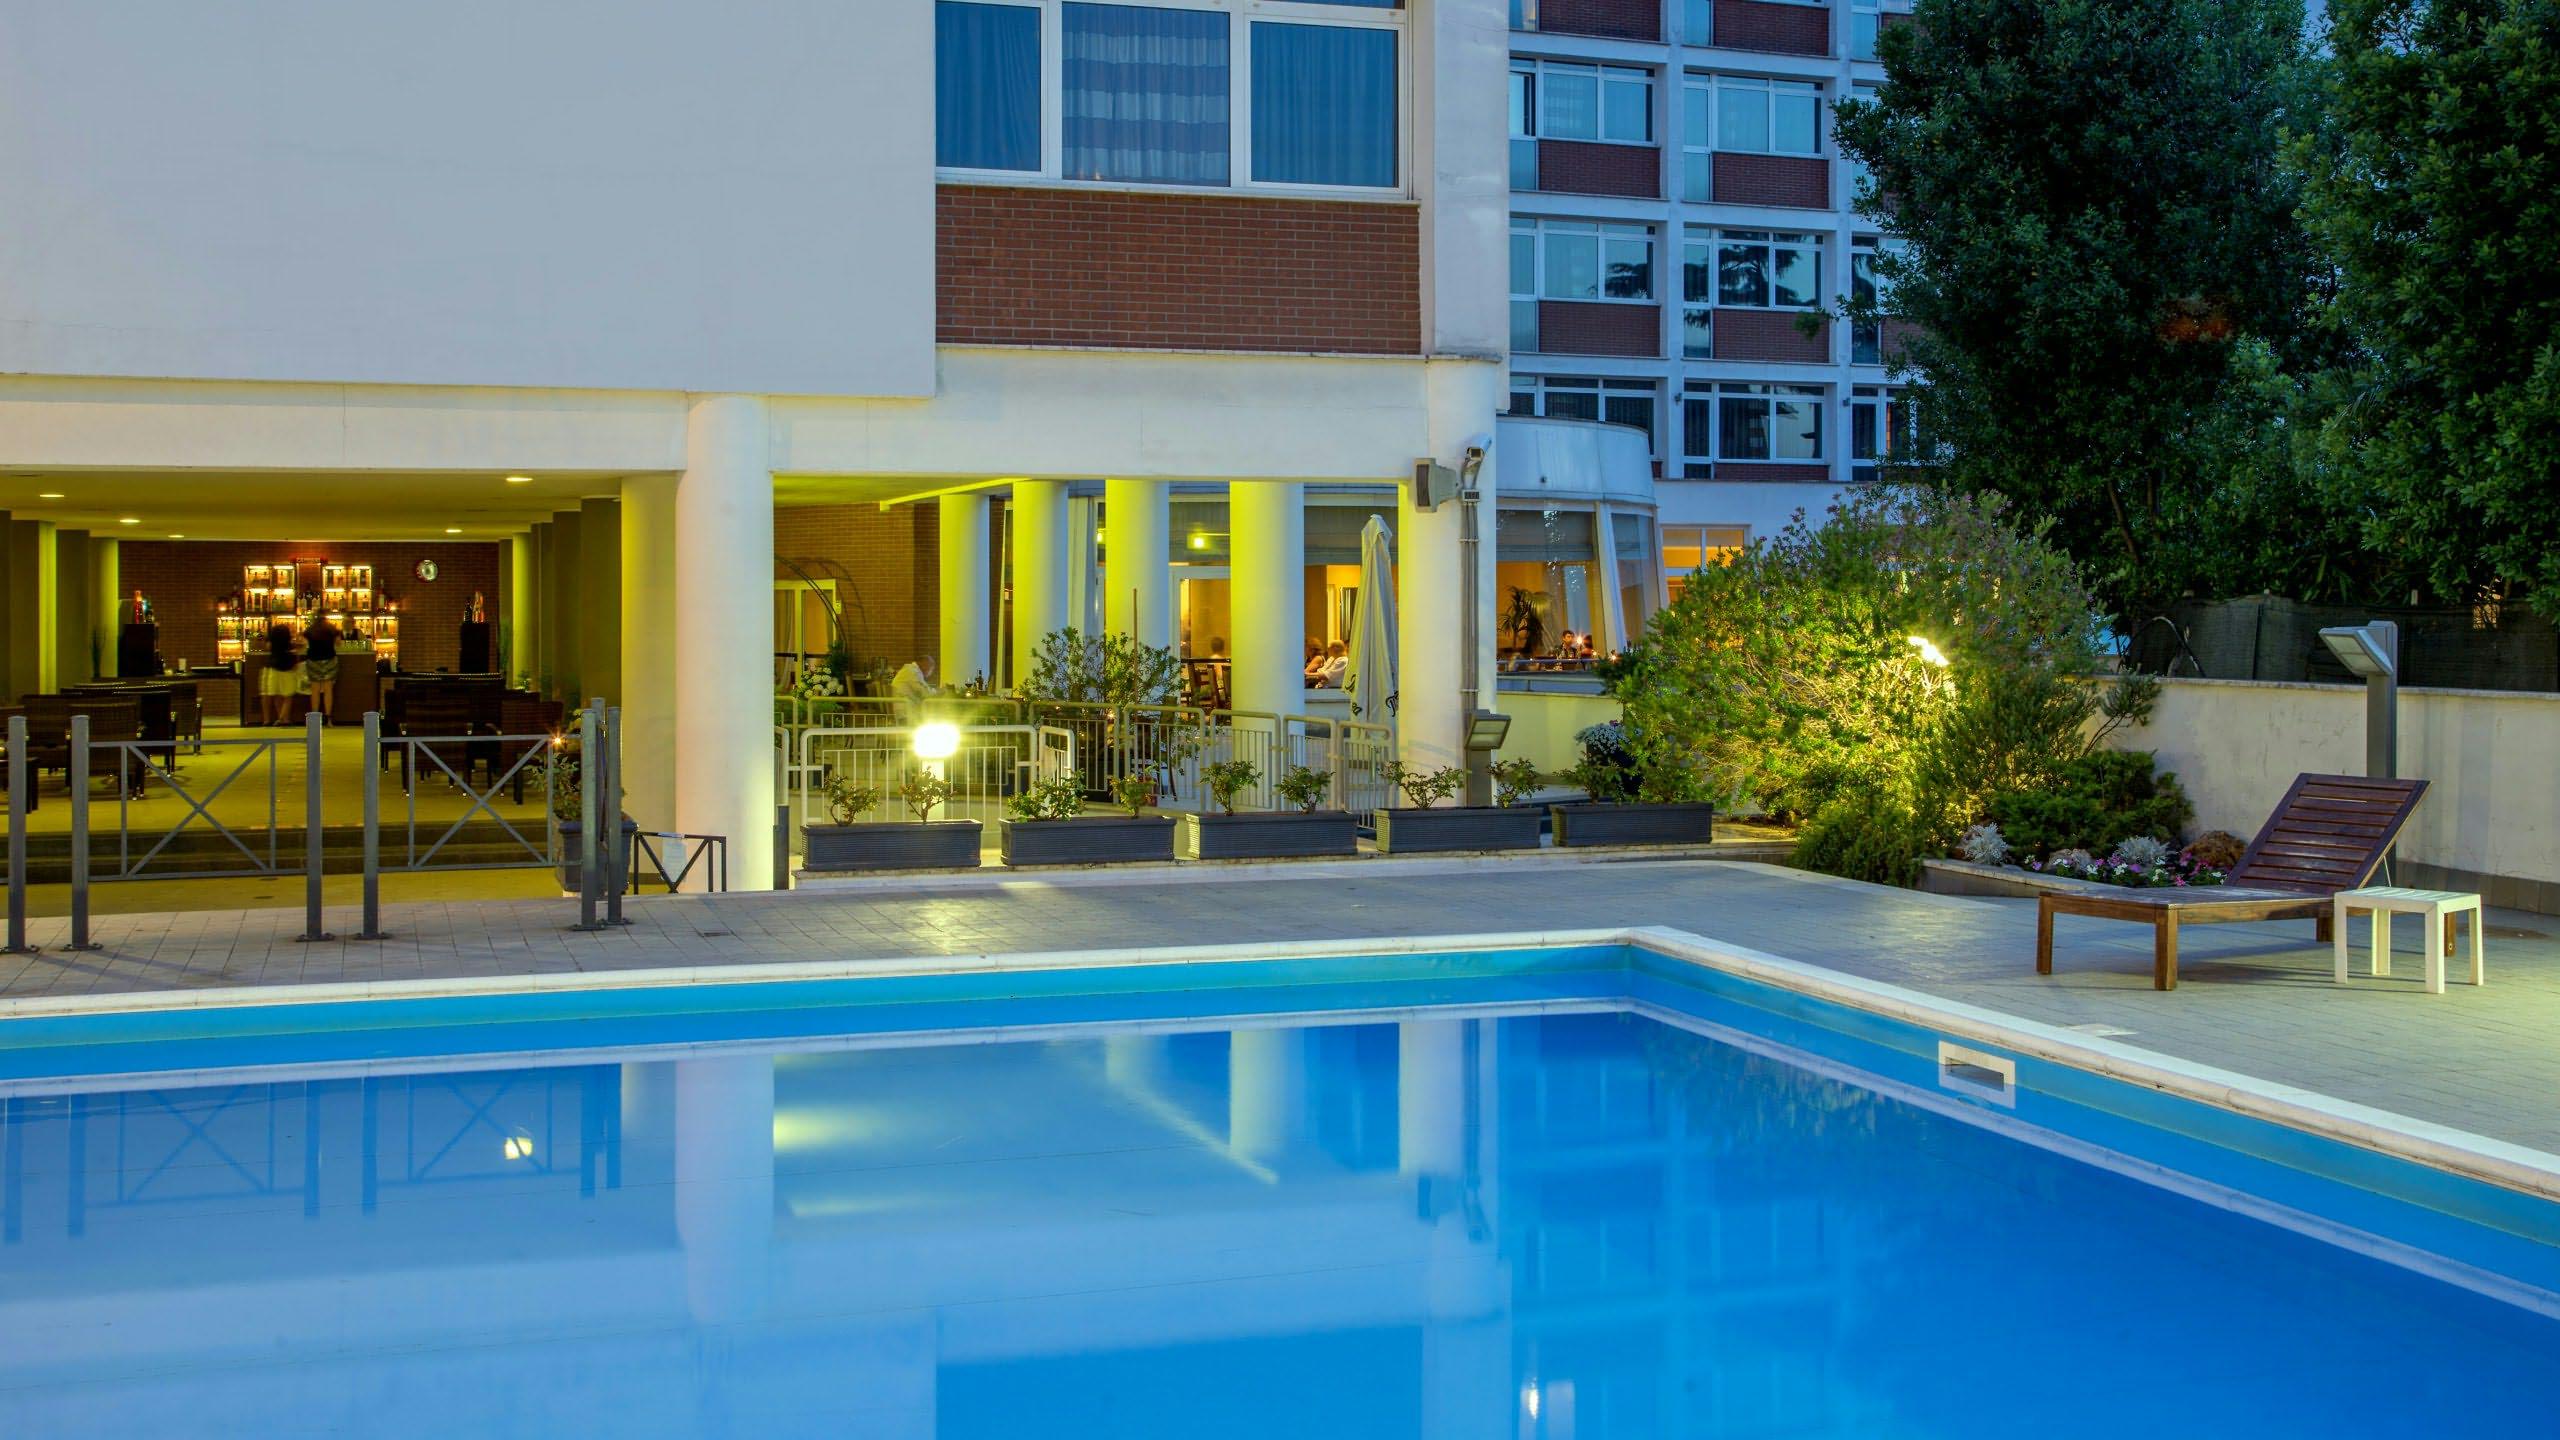 hotel-capannelle-roma-spazicomuni-19